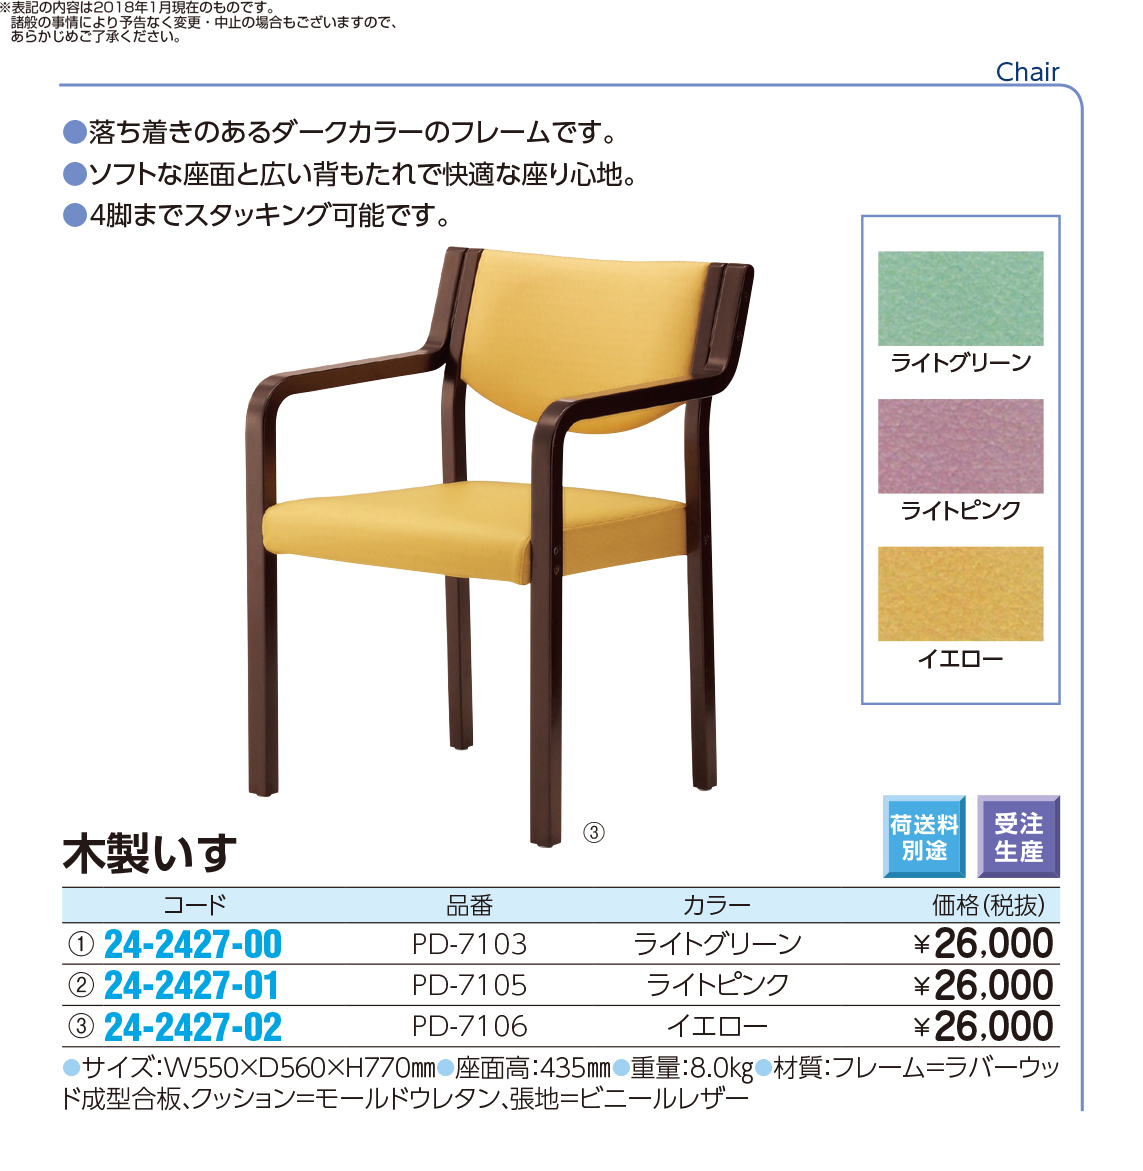 (24-2427-02)木製いす PD-7106(イエロー) モクセイイス【1台単位】【2018年カタログ商品】